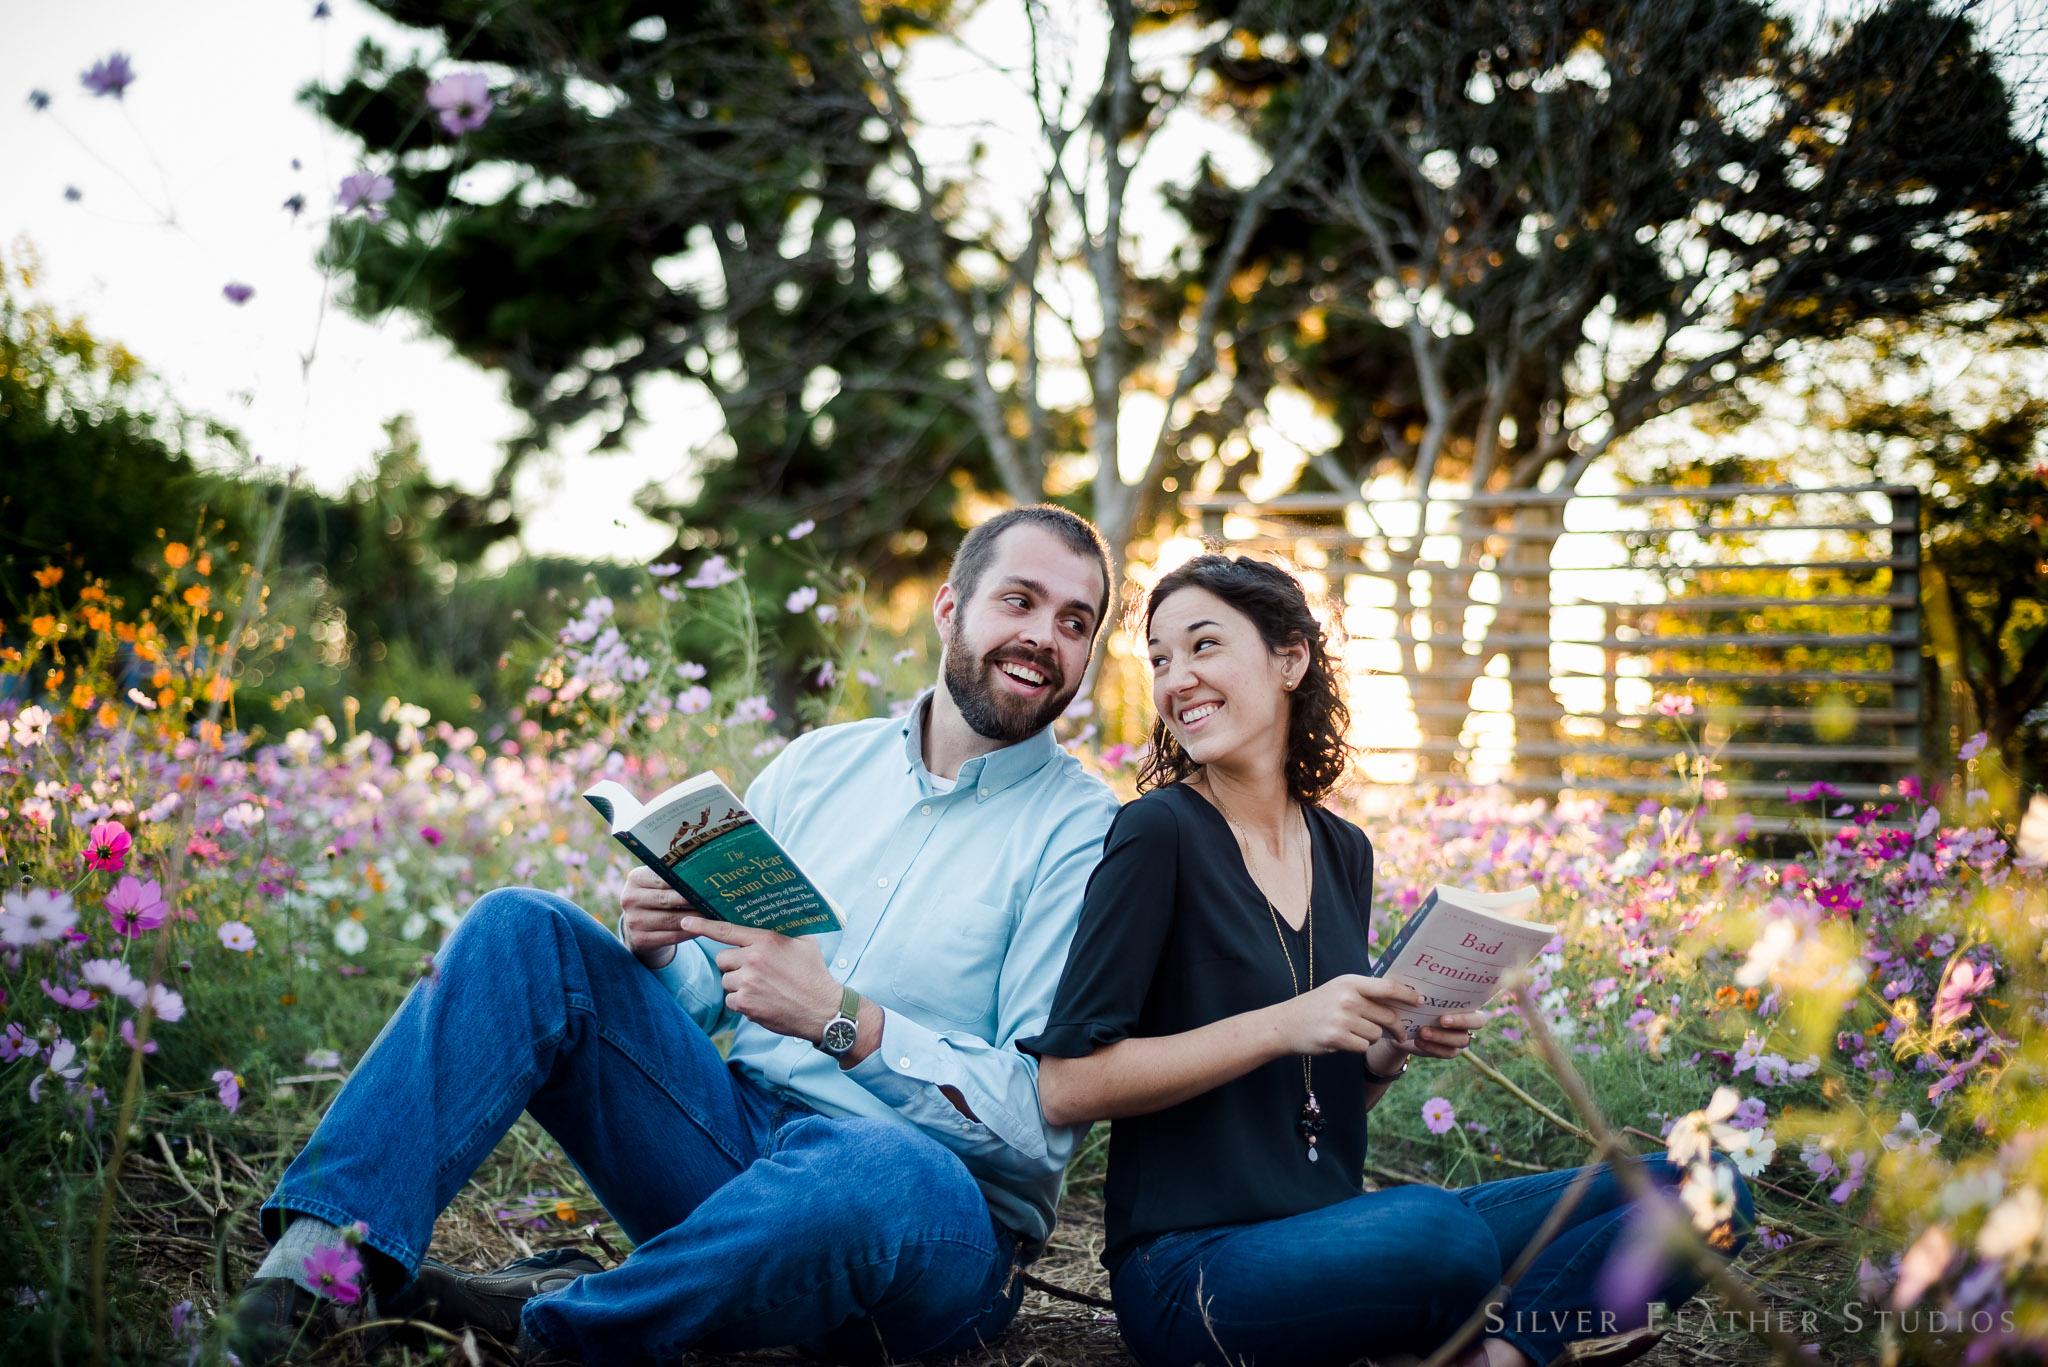 jc-raulston-arboretum-engagement-015.jpg